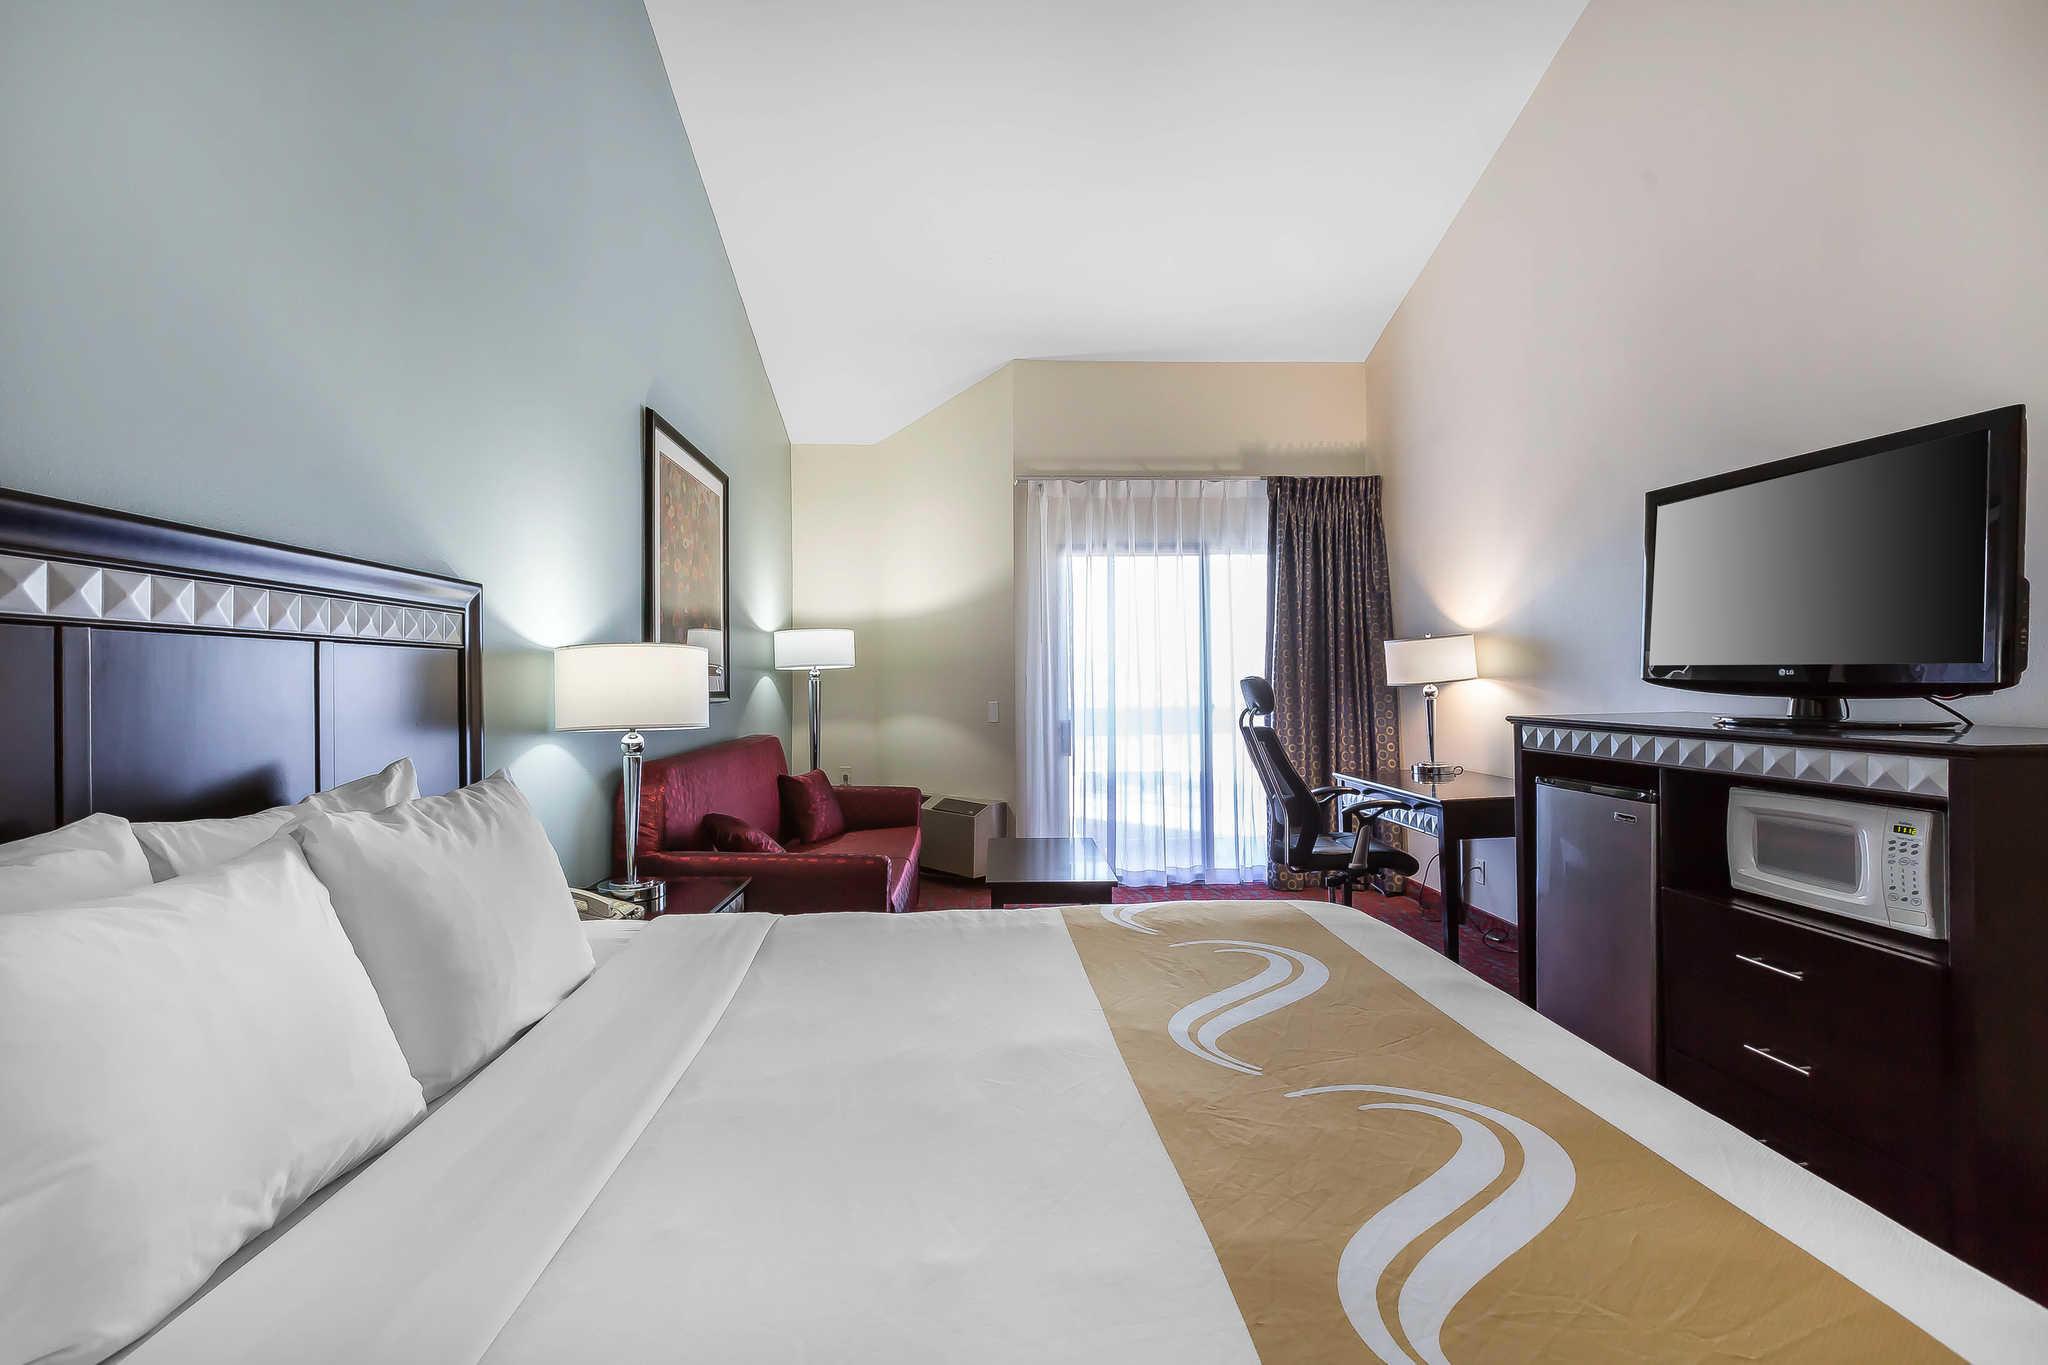 Quality Inn & Suites Irvine Spectrum image 30